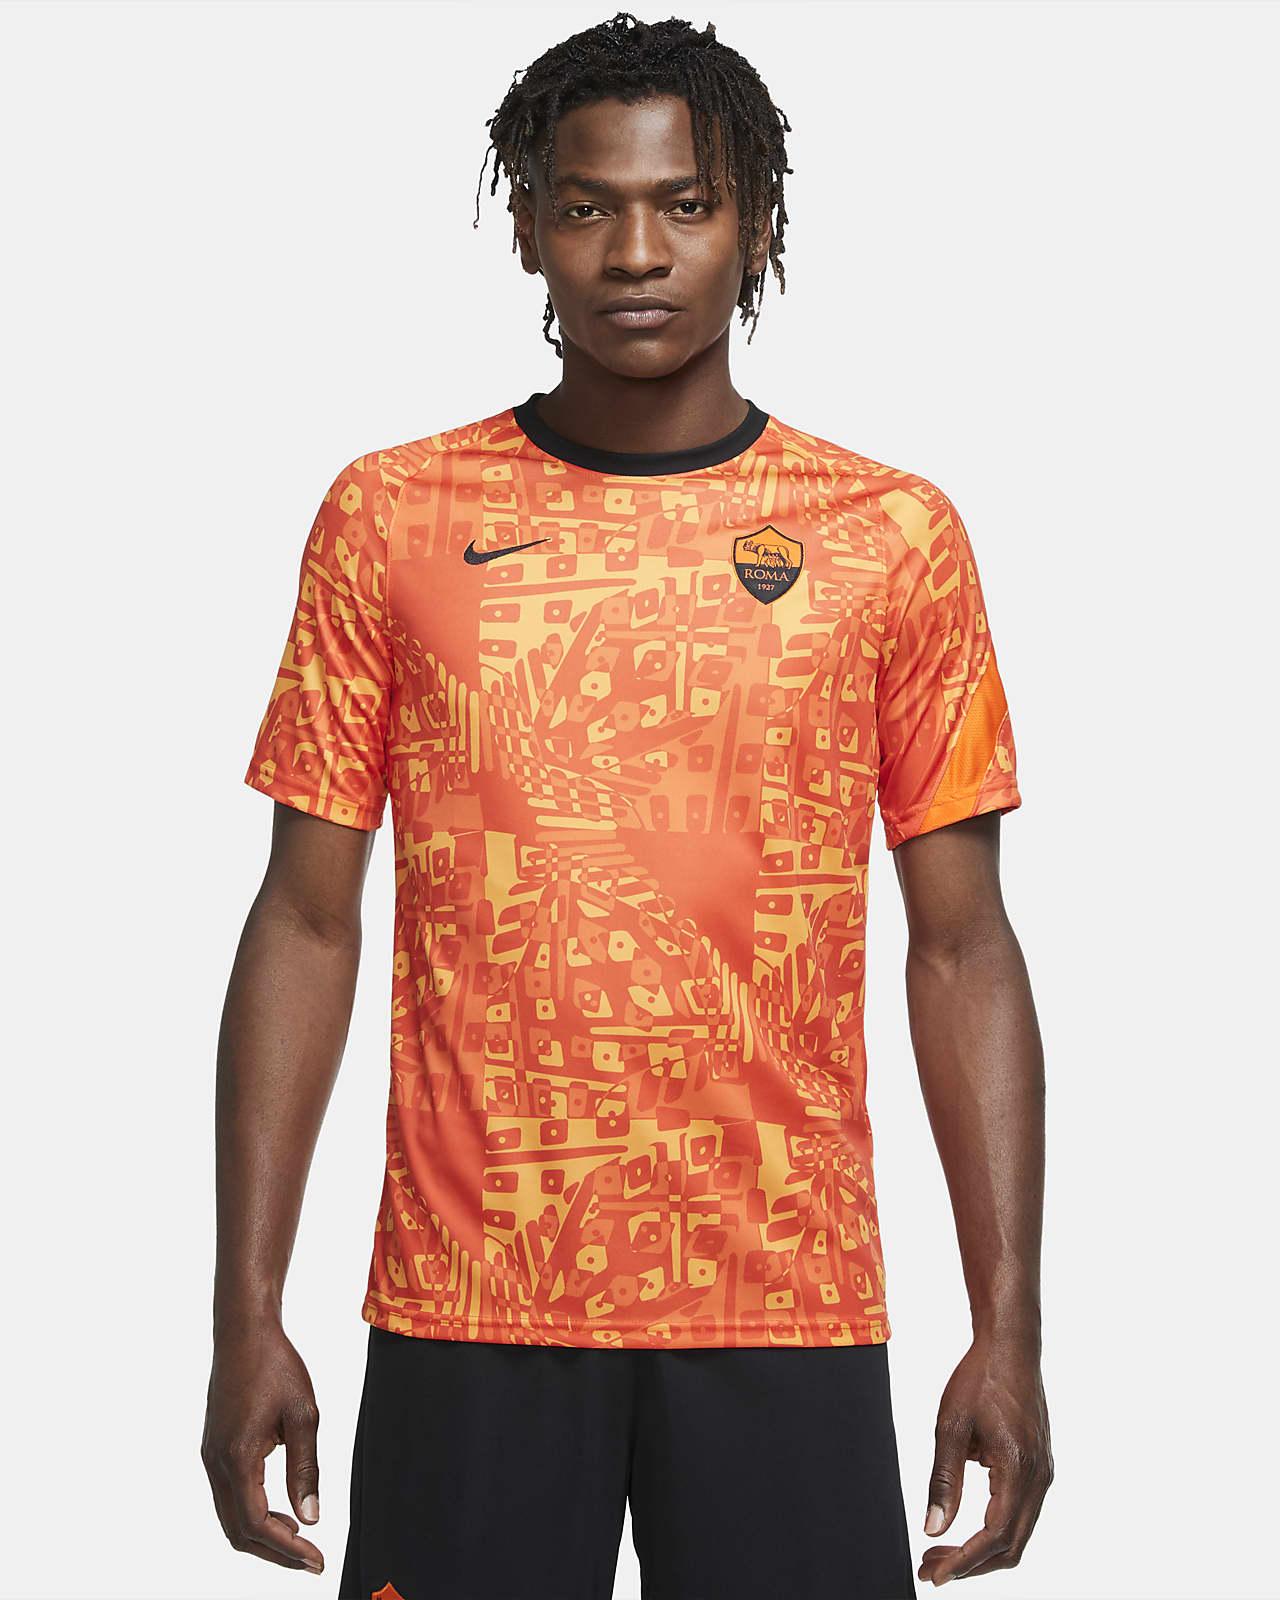 Maglia da calcio pre-partita a manica corta A.S. Roma - Uomo. Nike IT